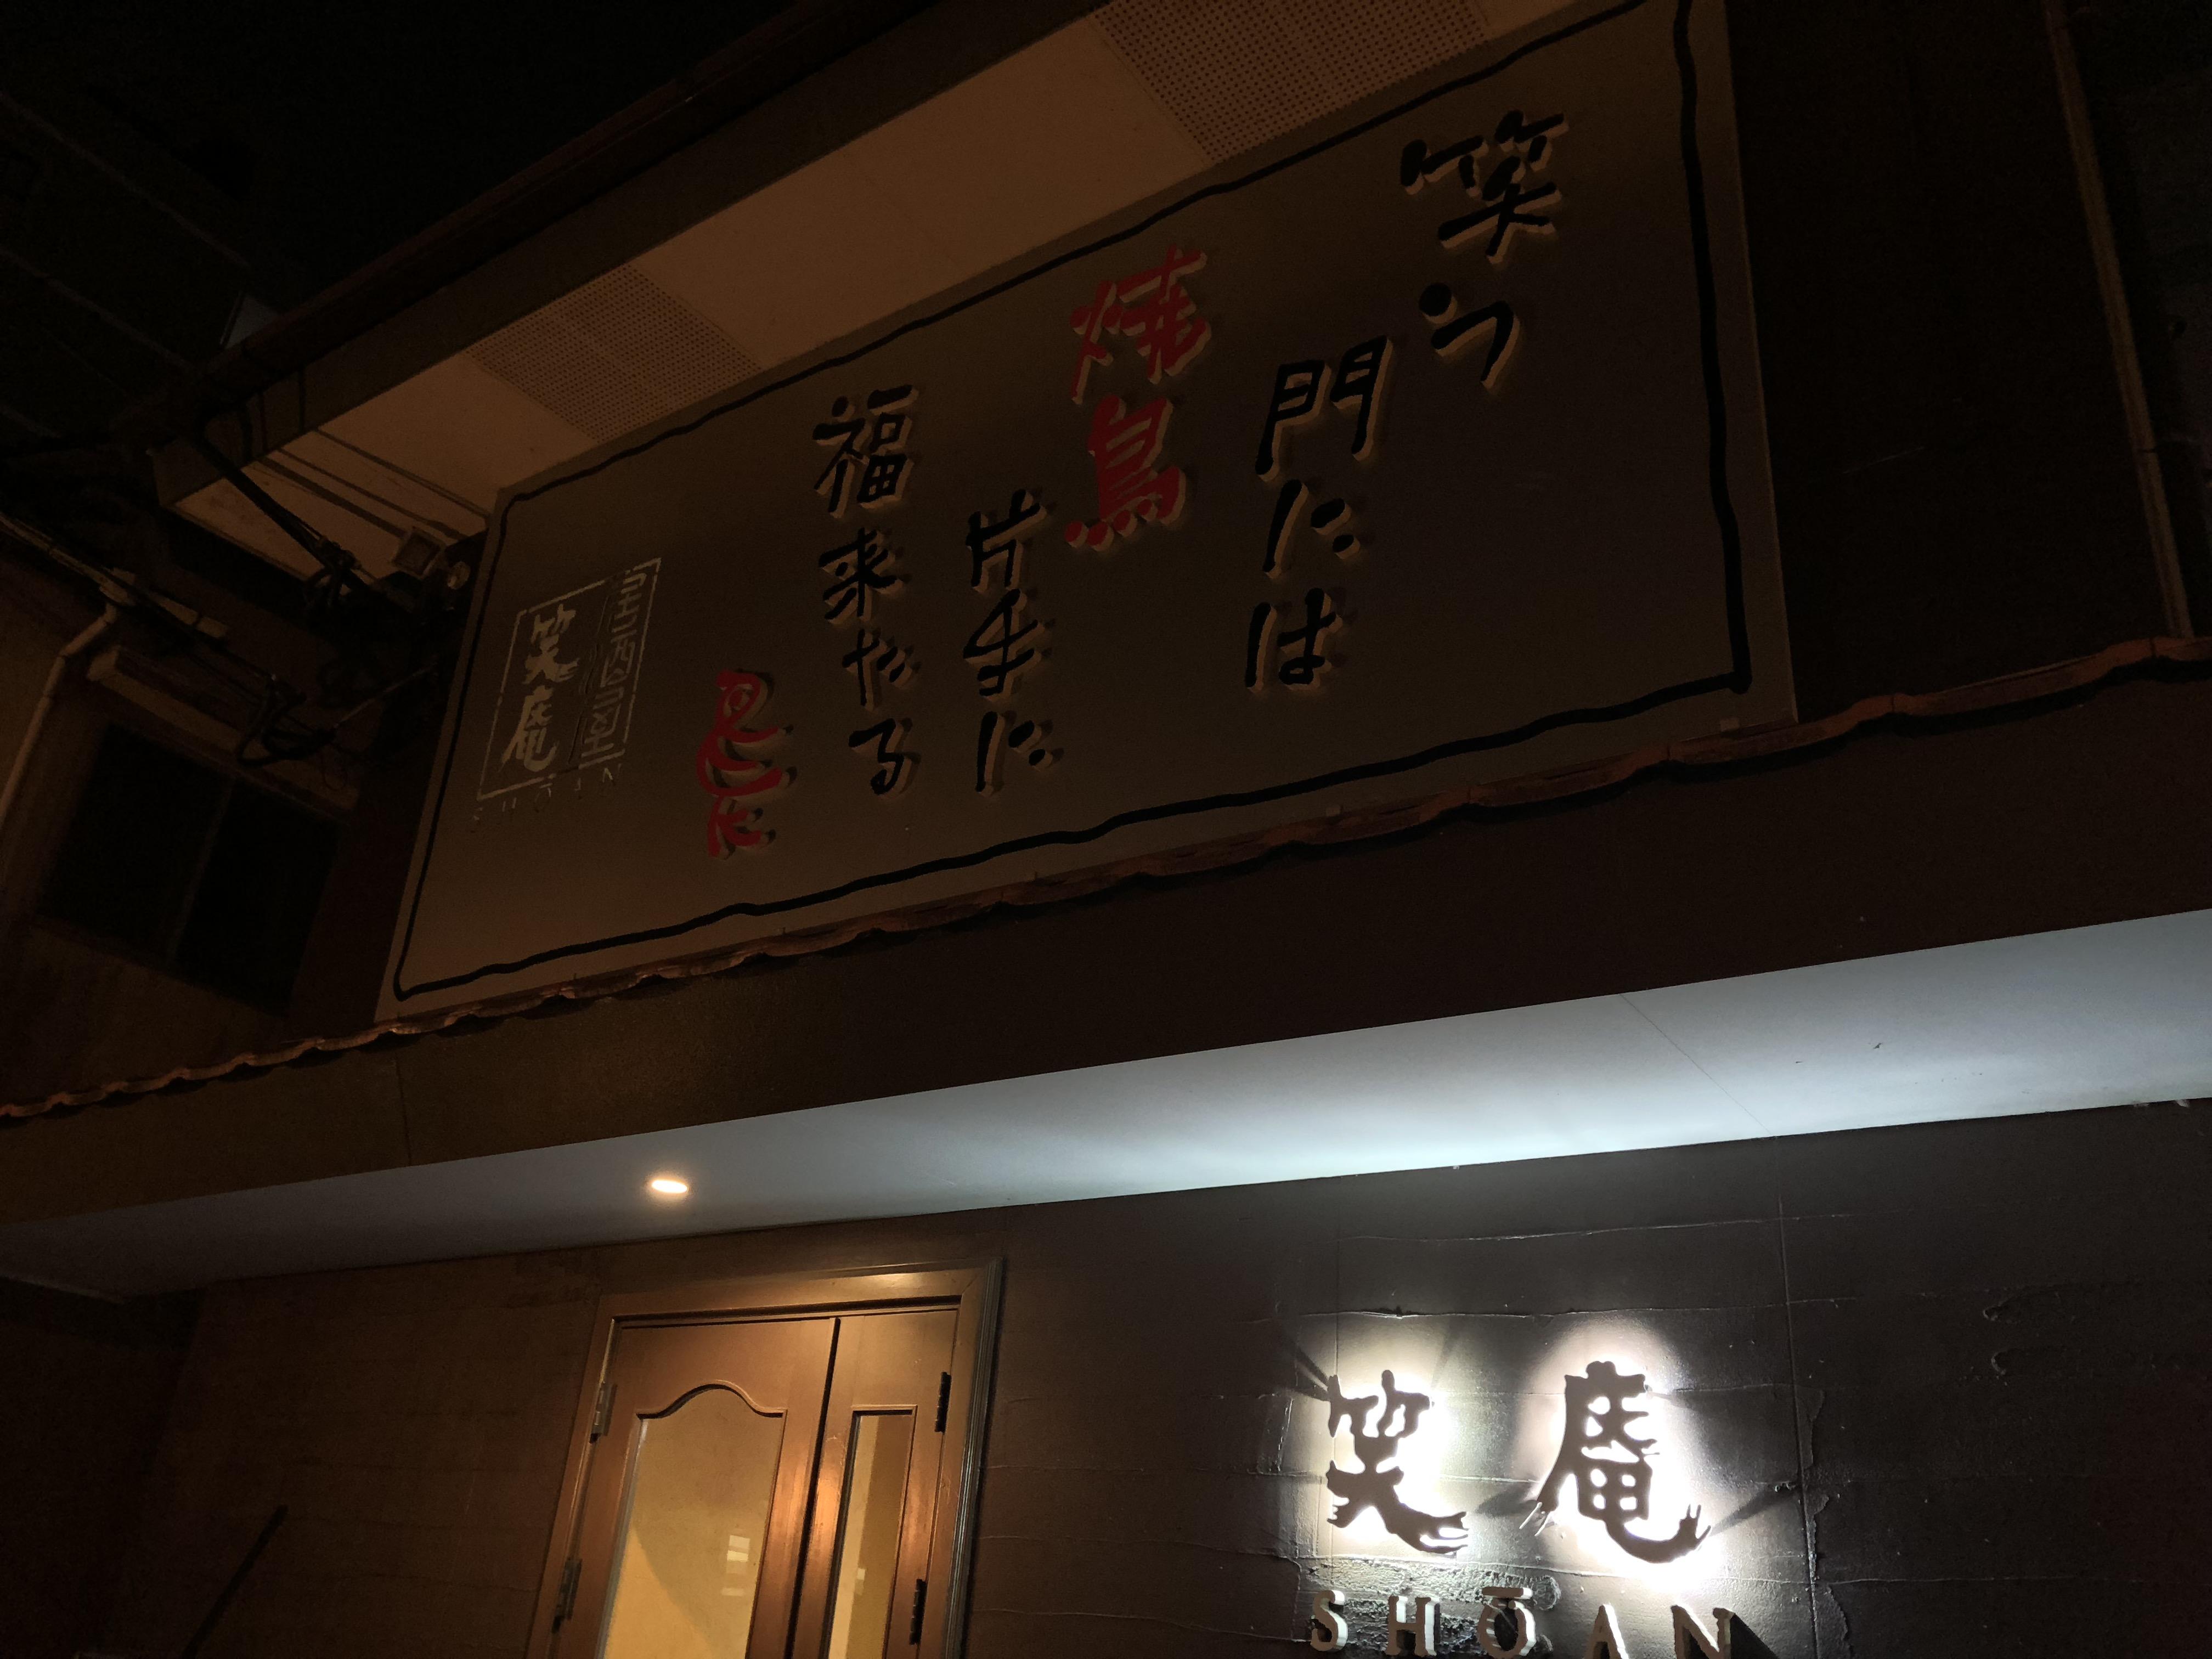 諫早駅前の居酒屋で悩んだら、まずは~笑庵~に行ってみよう!